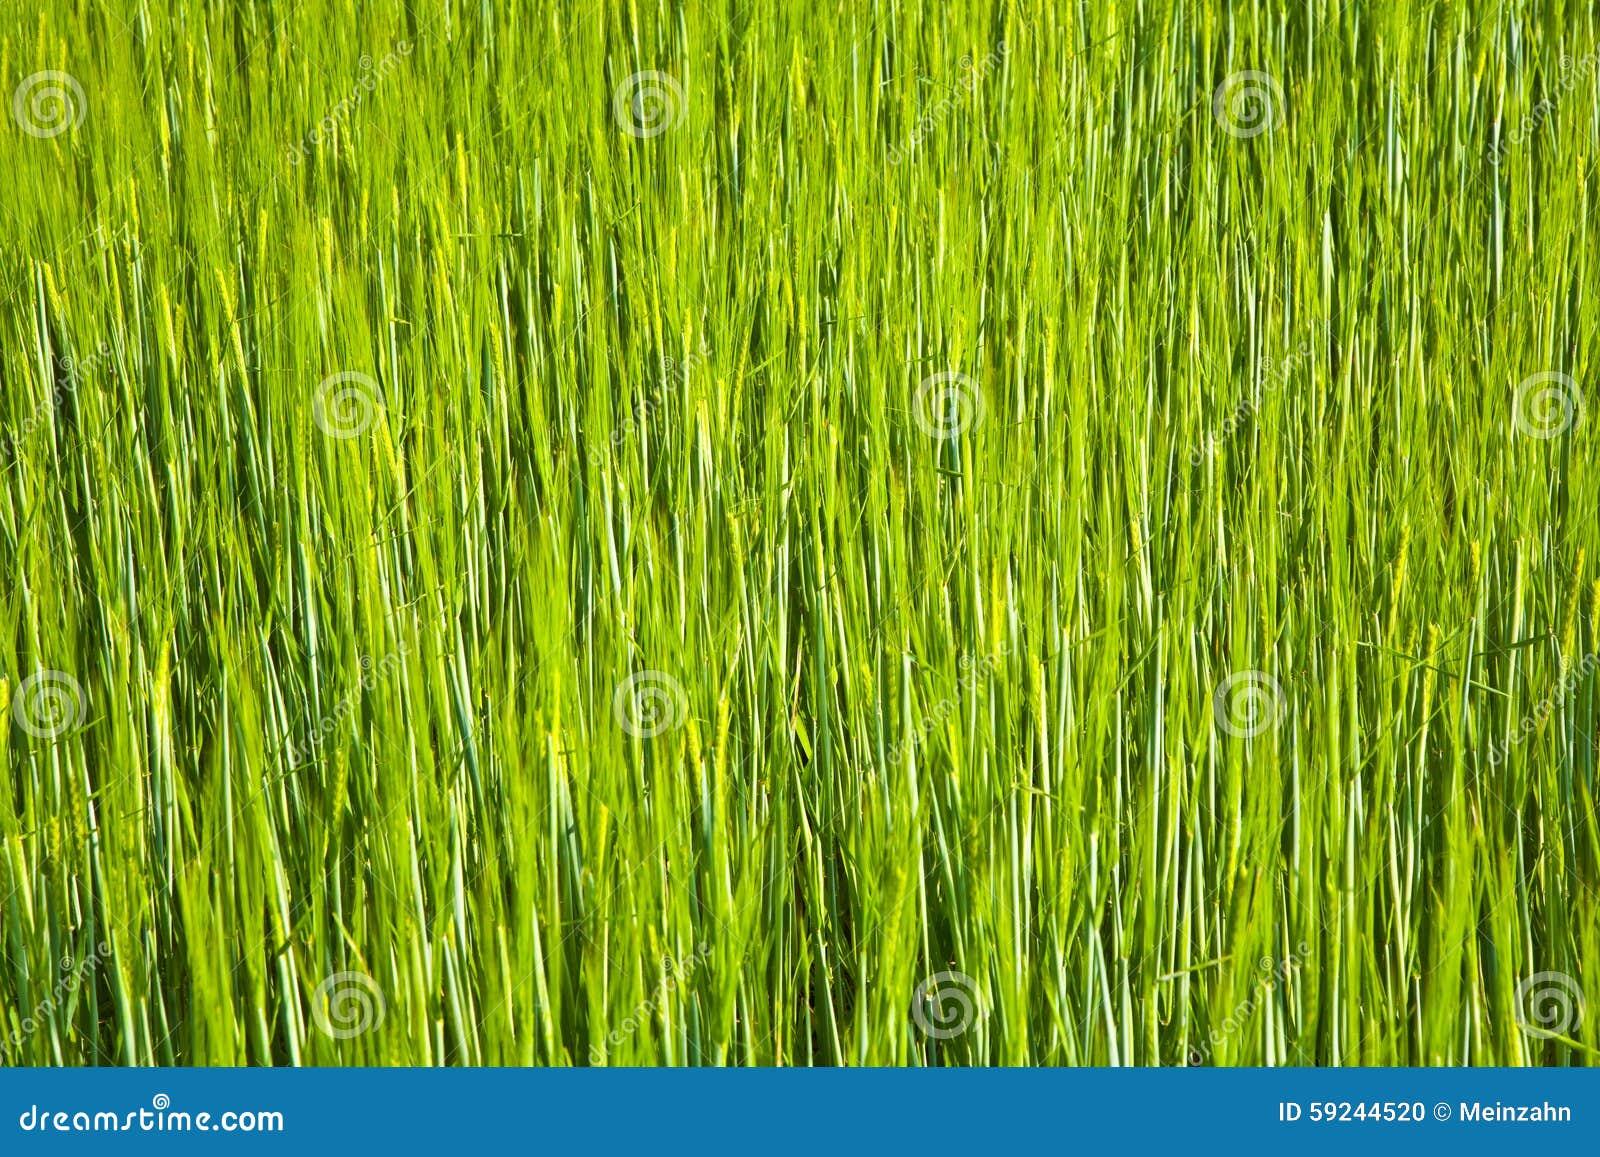 Download Spicka del maíz foto de archivo. Imagen de cereal, granja - 59244520